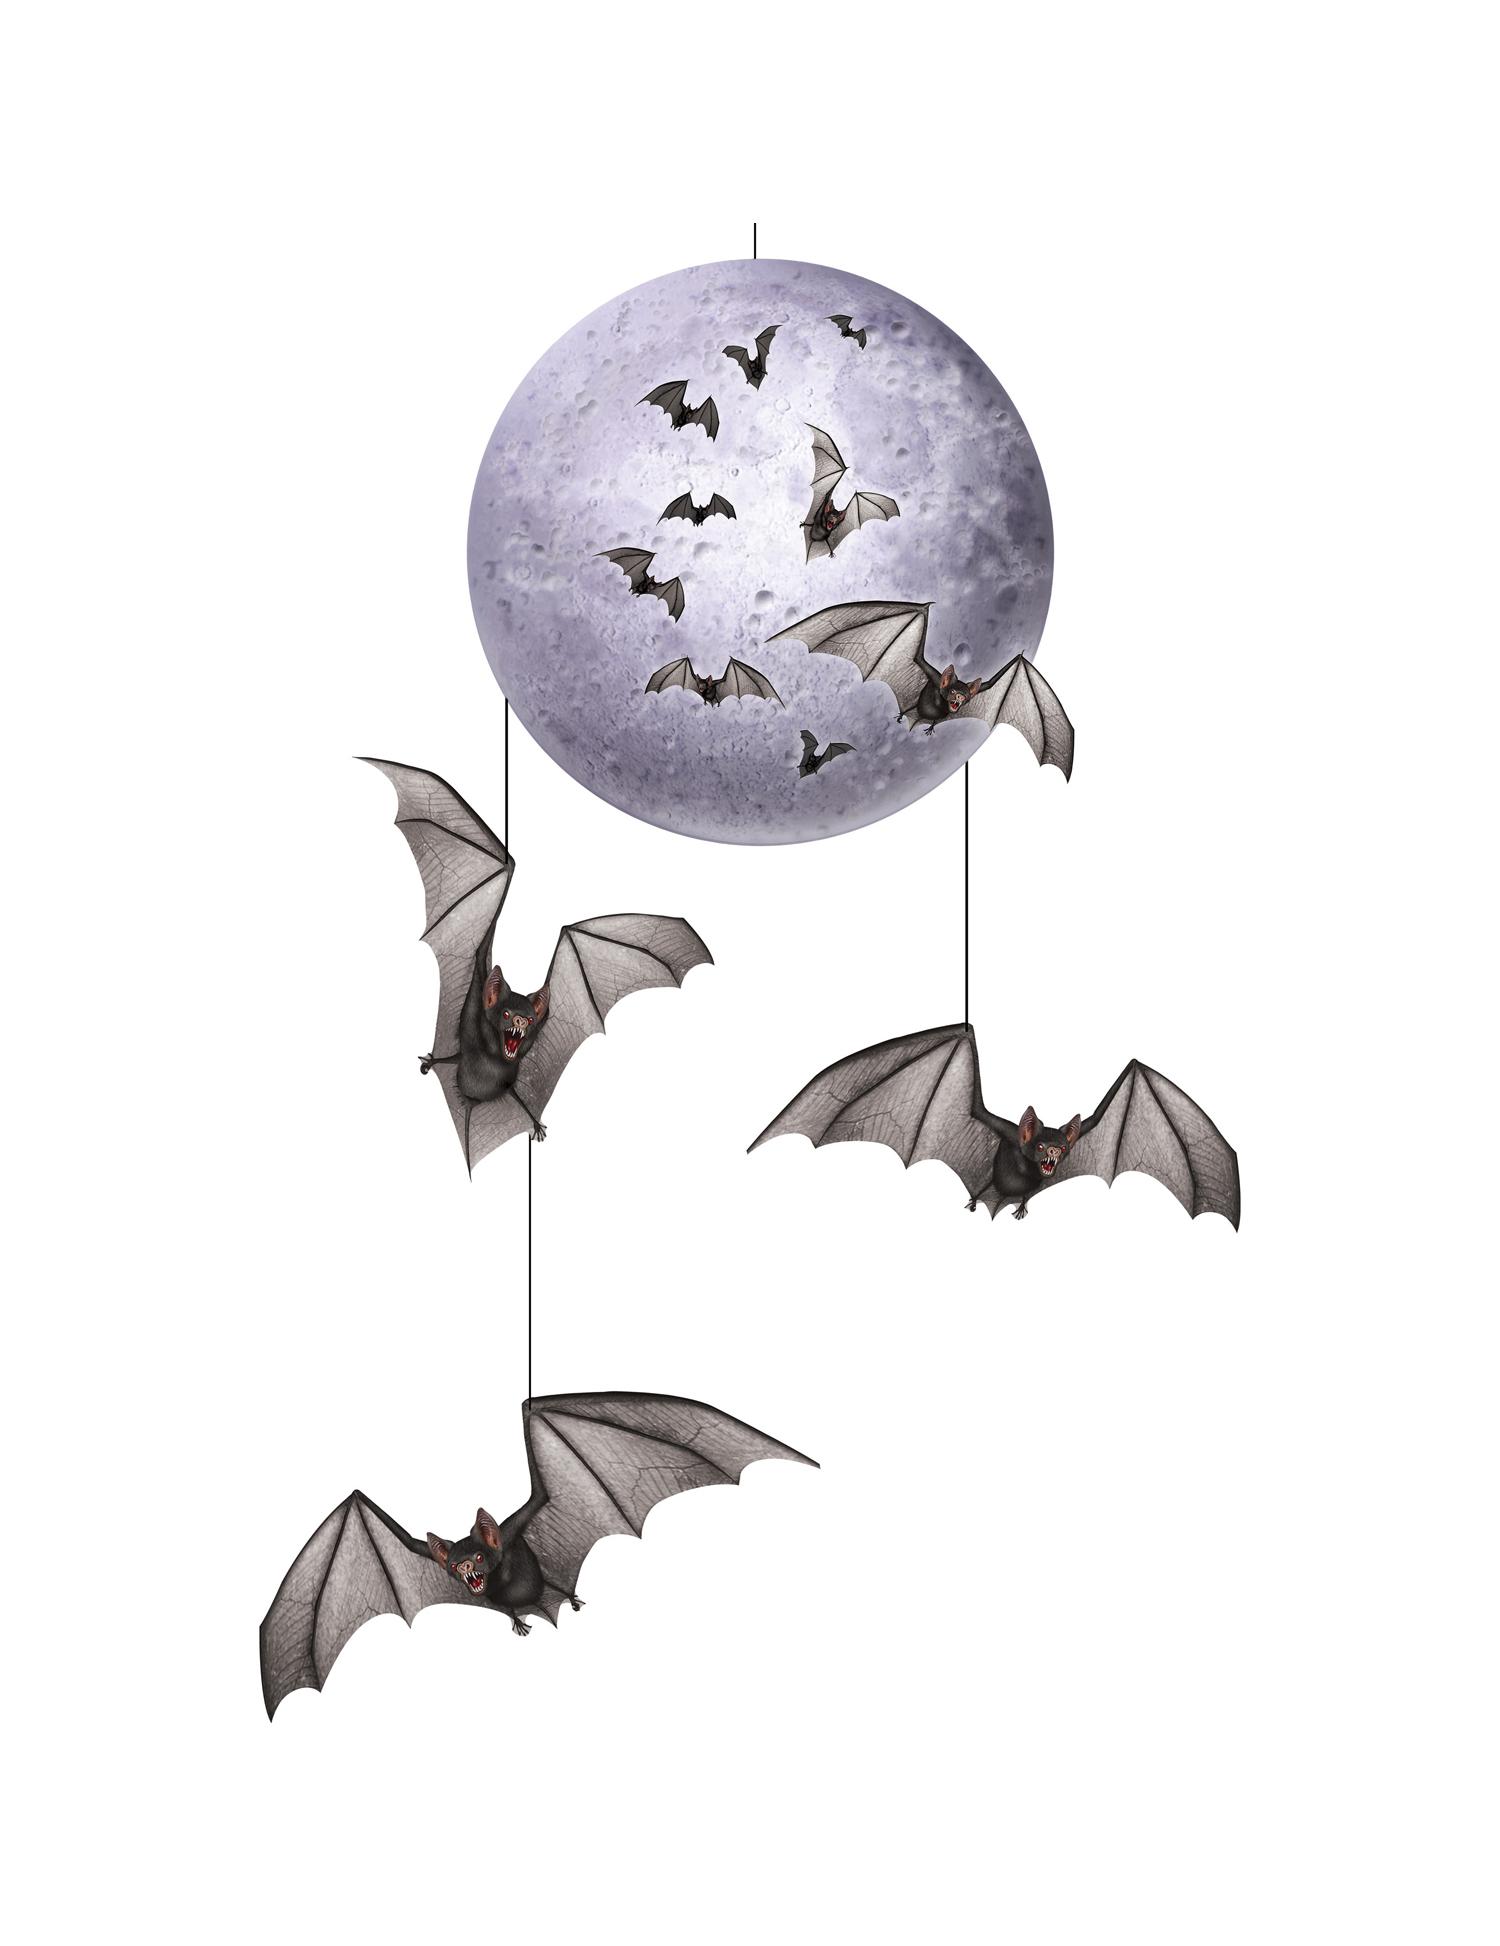 décoration à suspendre lune & chauve-souris halloween, achat de